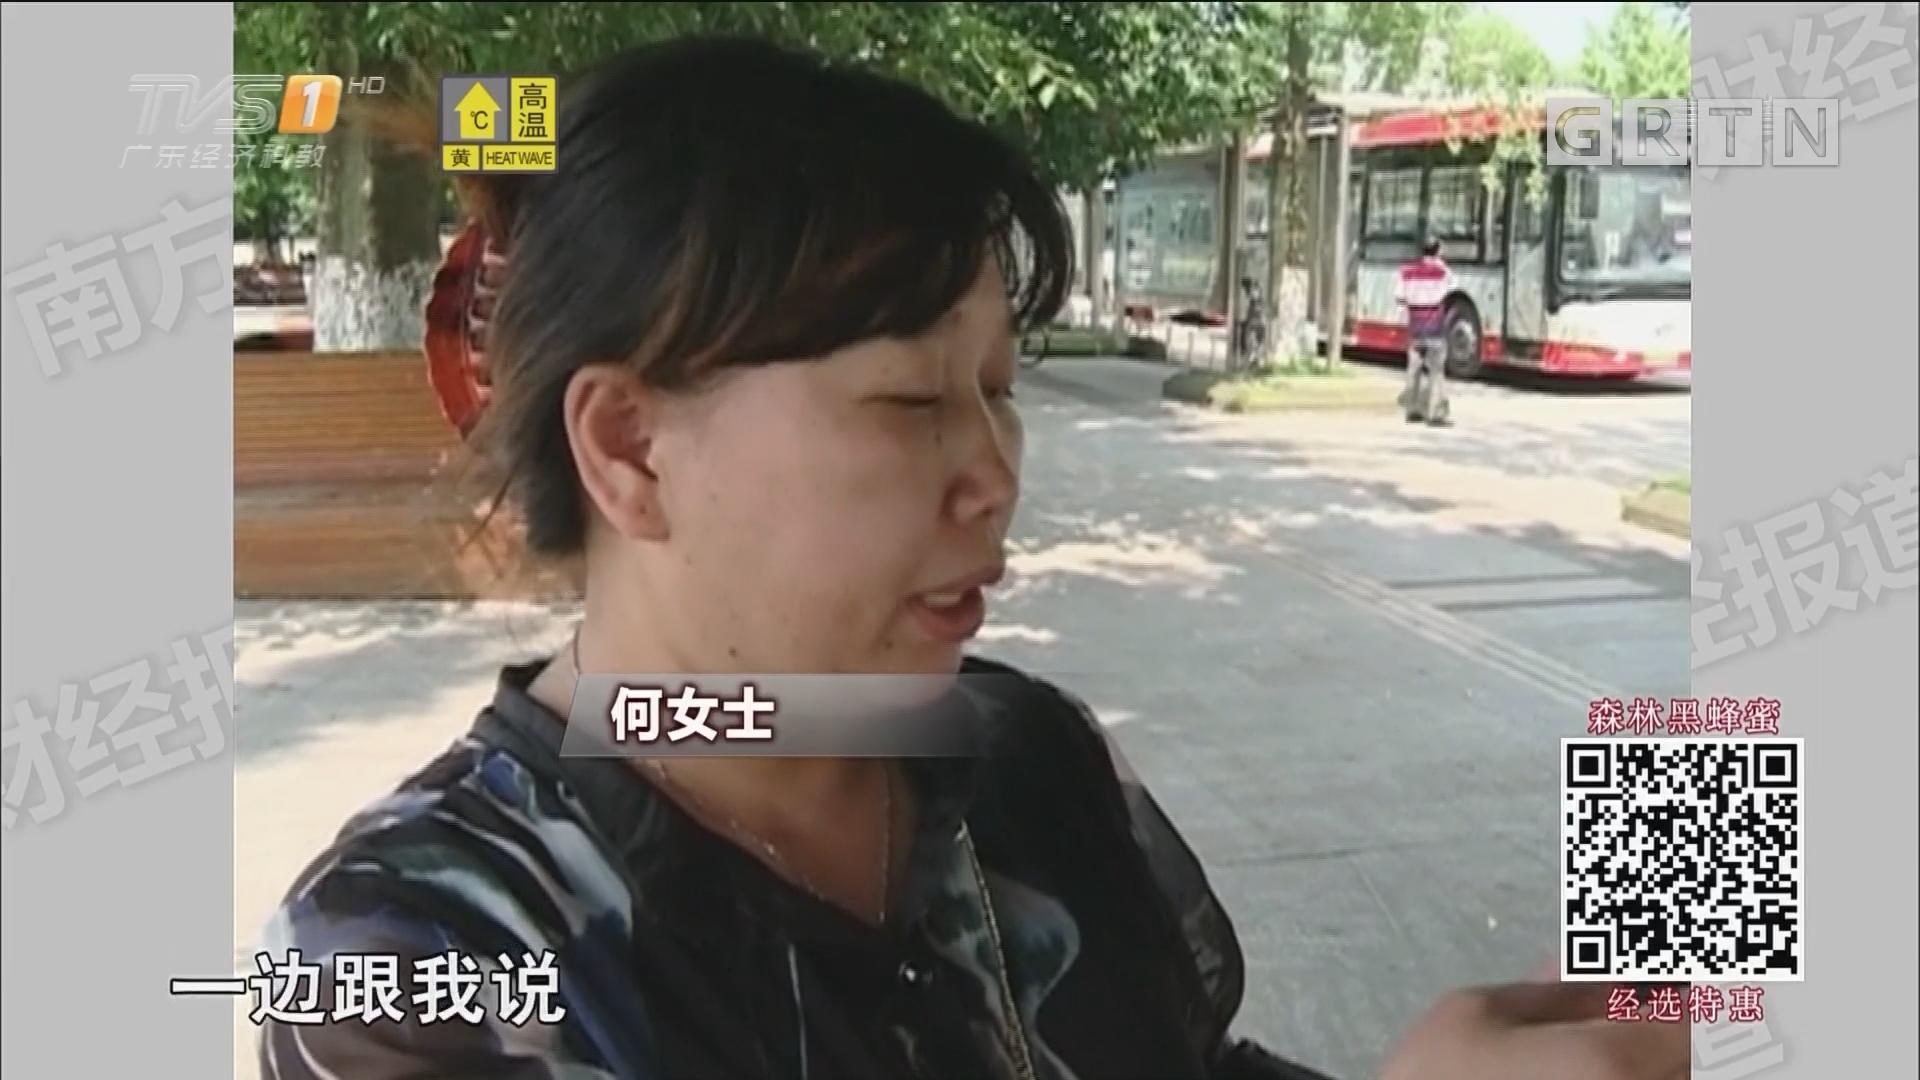 女子网购遇神秘退款电话 一次损失6500元